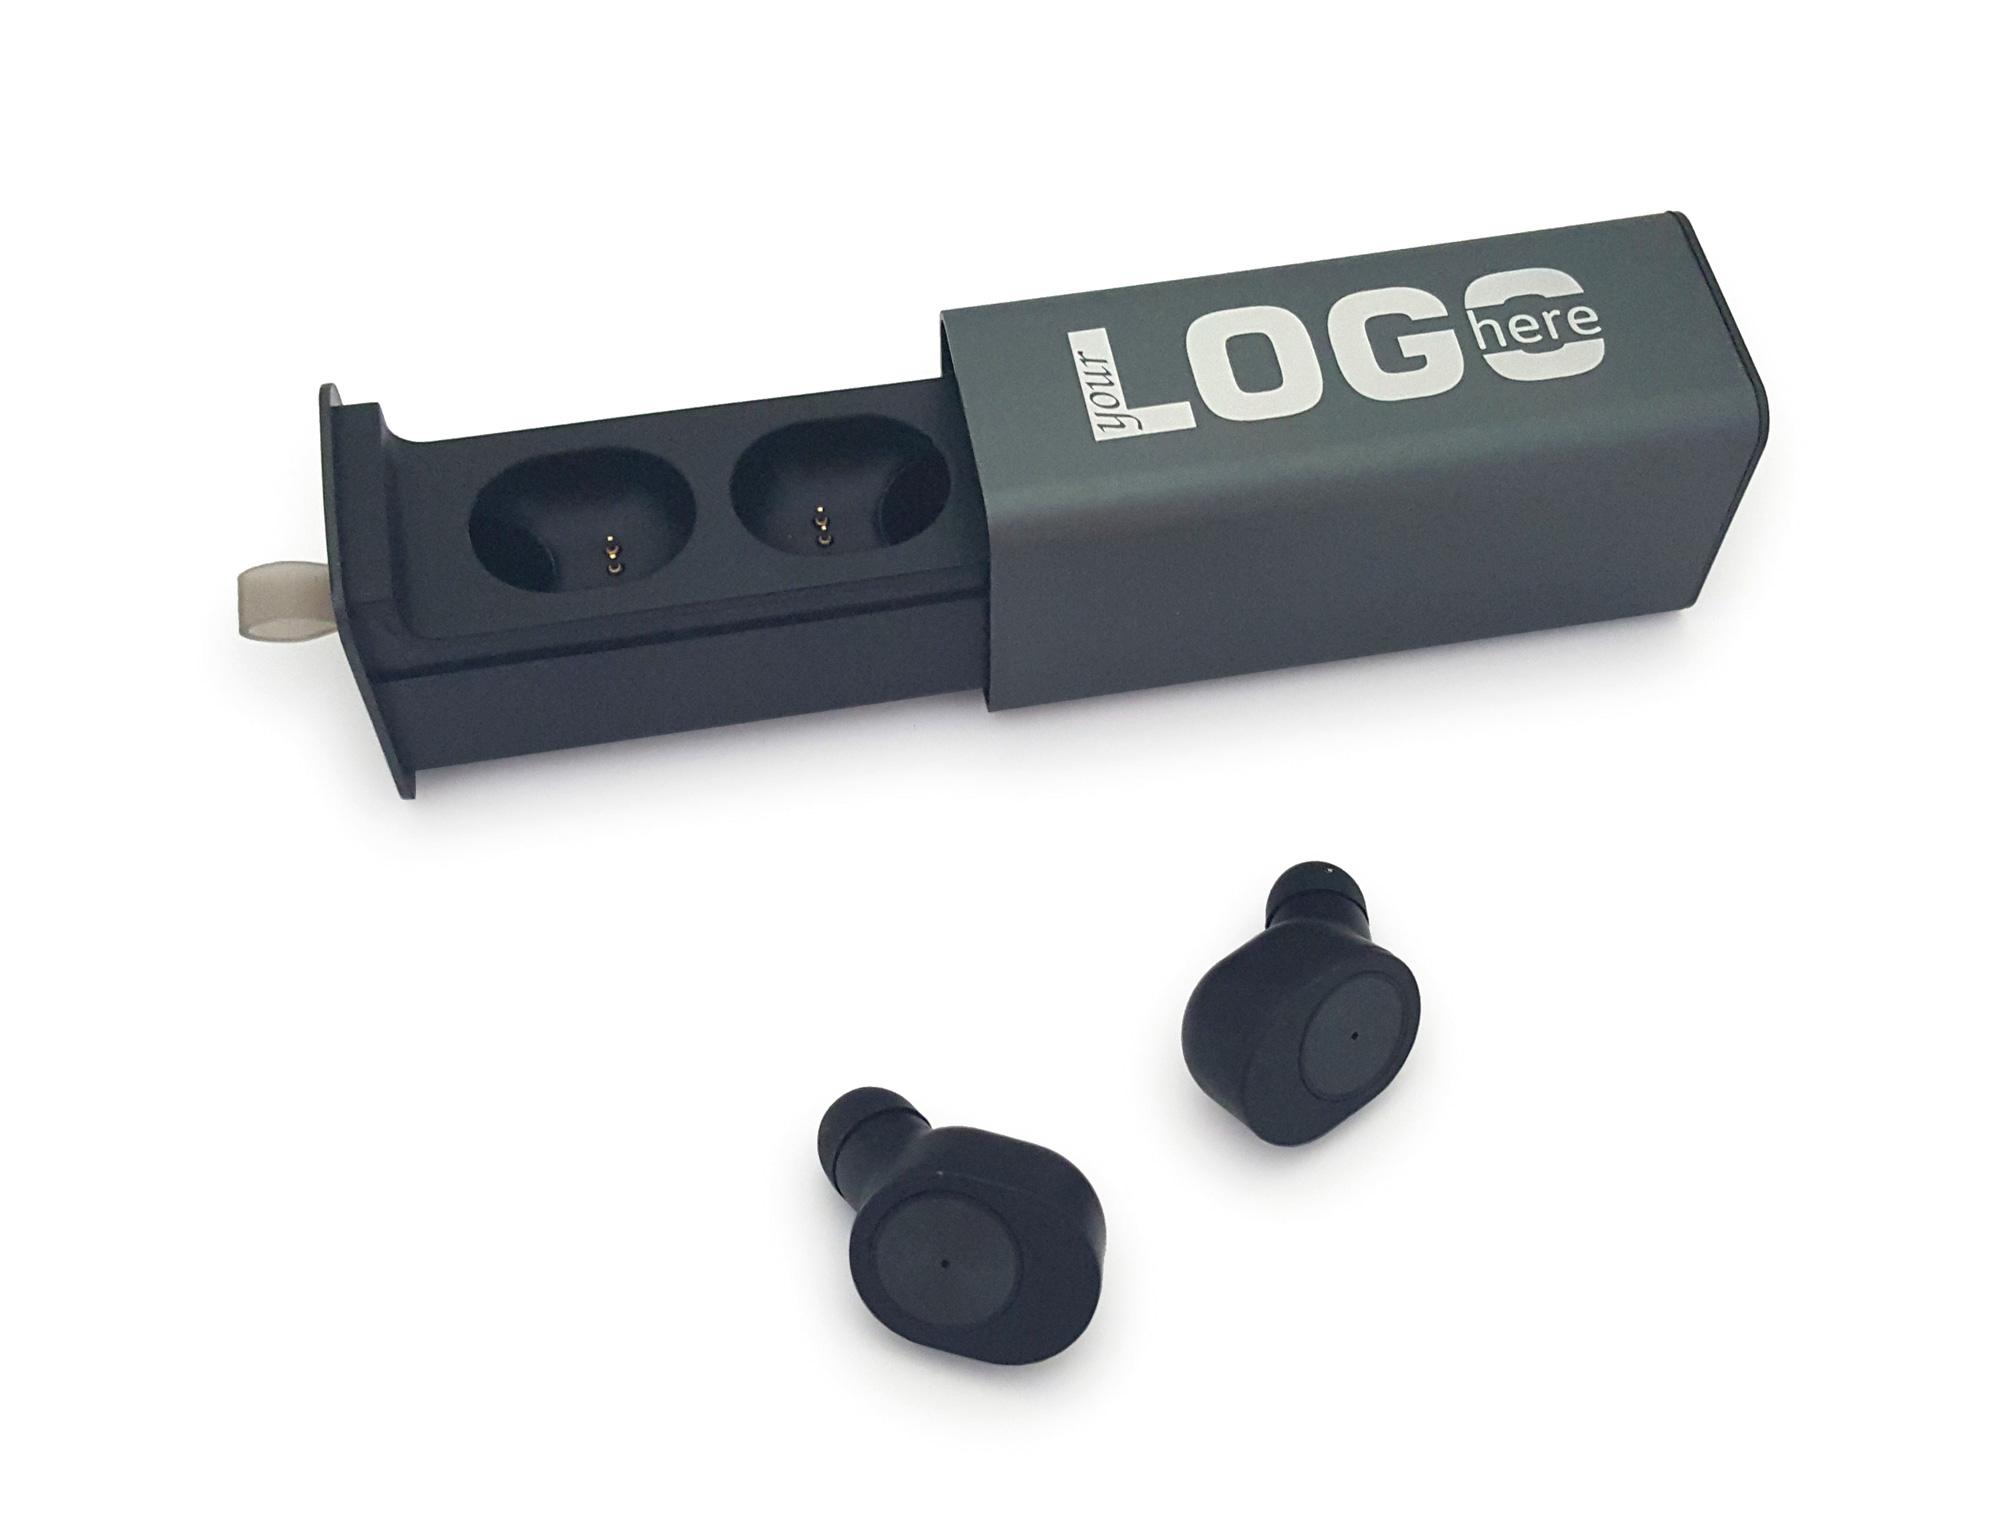 Słuchawki ze stacją ładującą, z funkcją zestawu głośnomówiącego. Bluetooth 4.2 - kampanie gadżetowe 2020